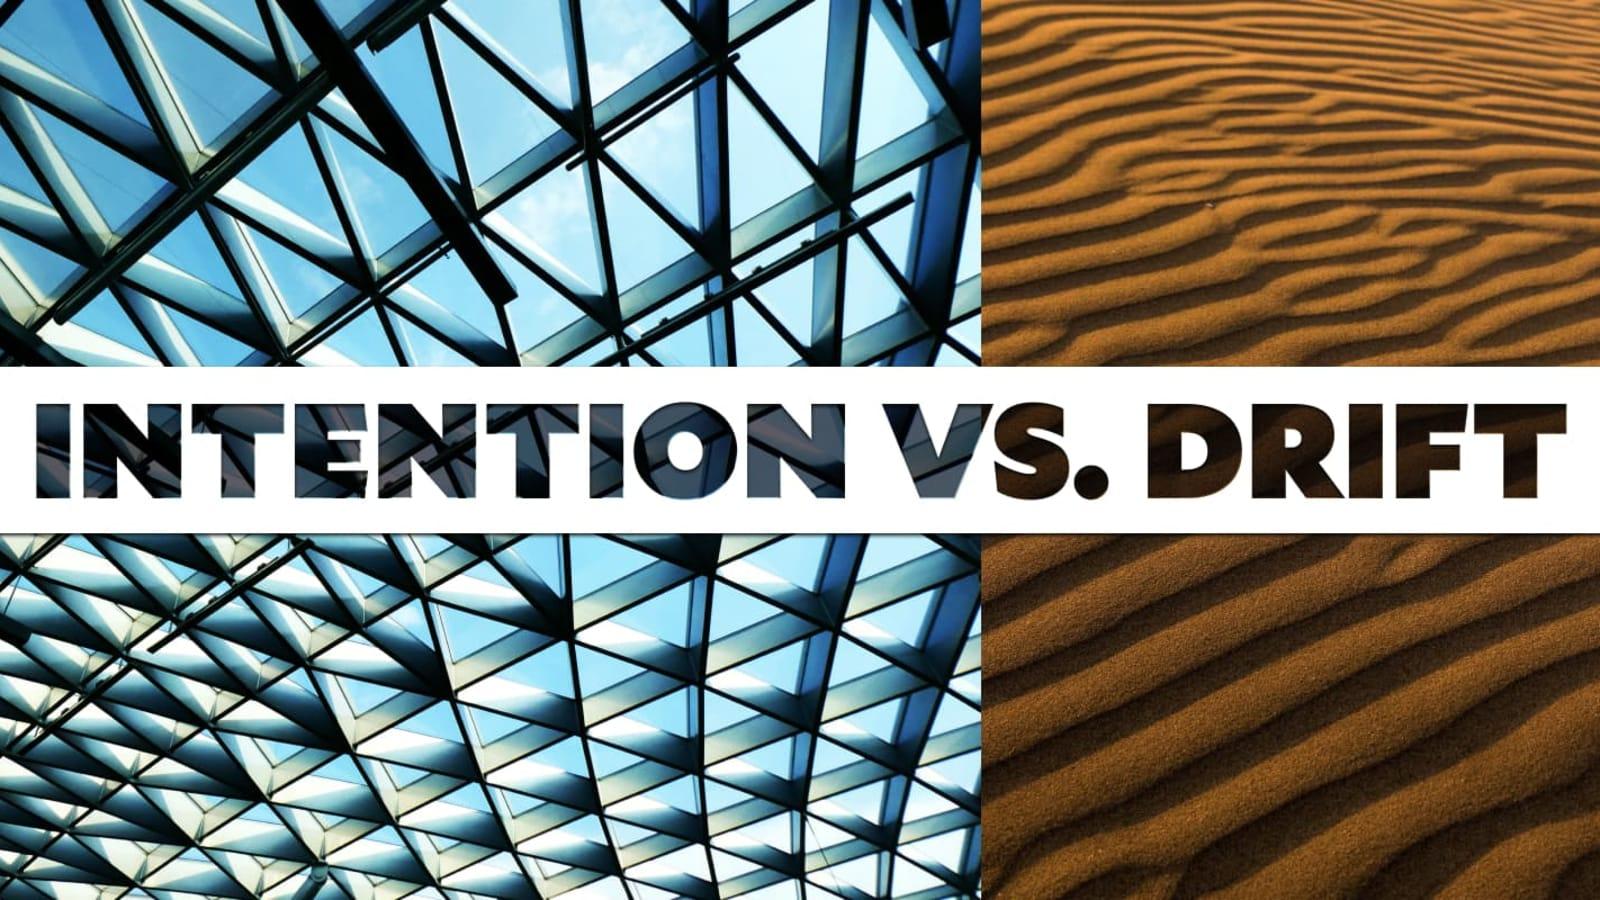 Intention vs. Drift